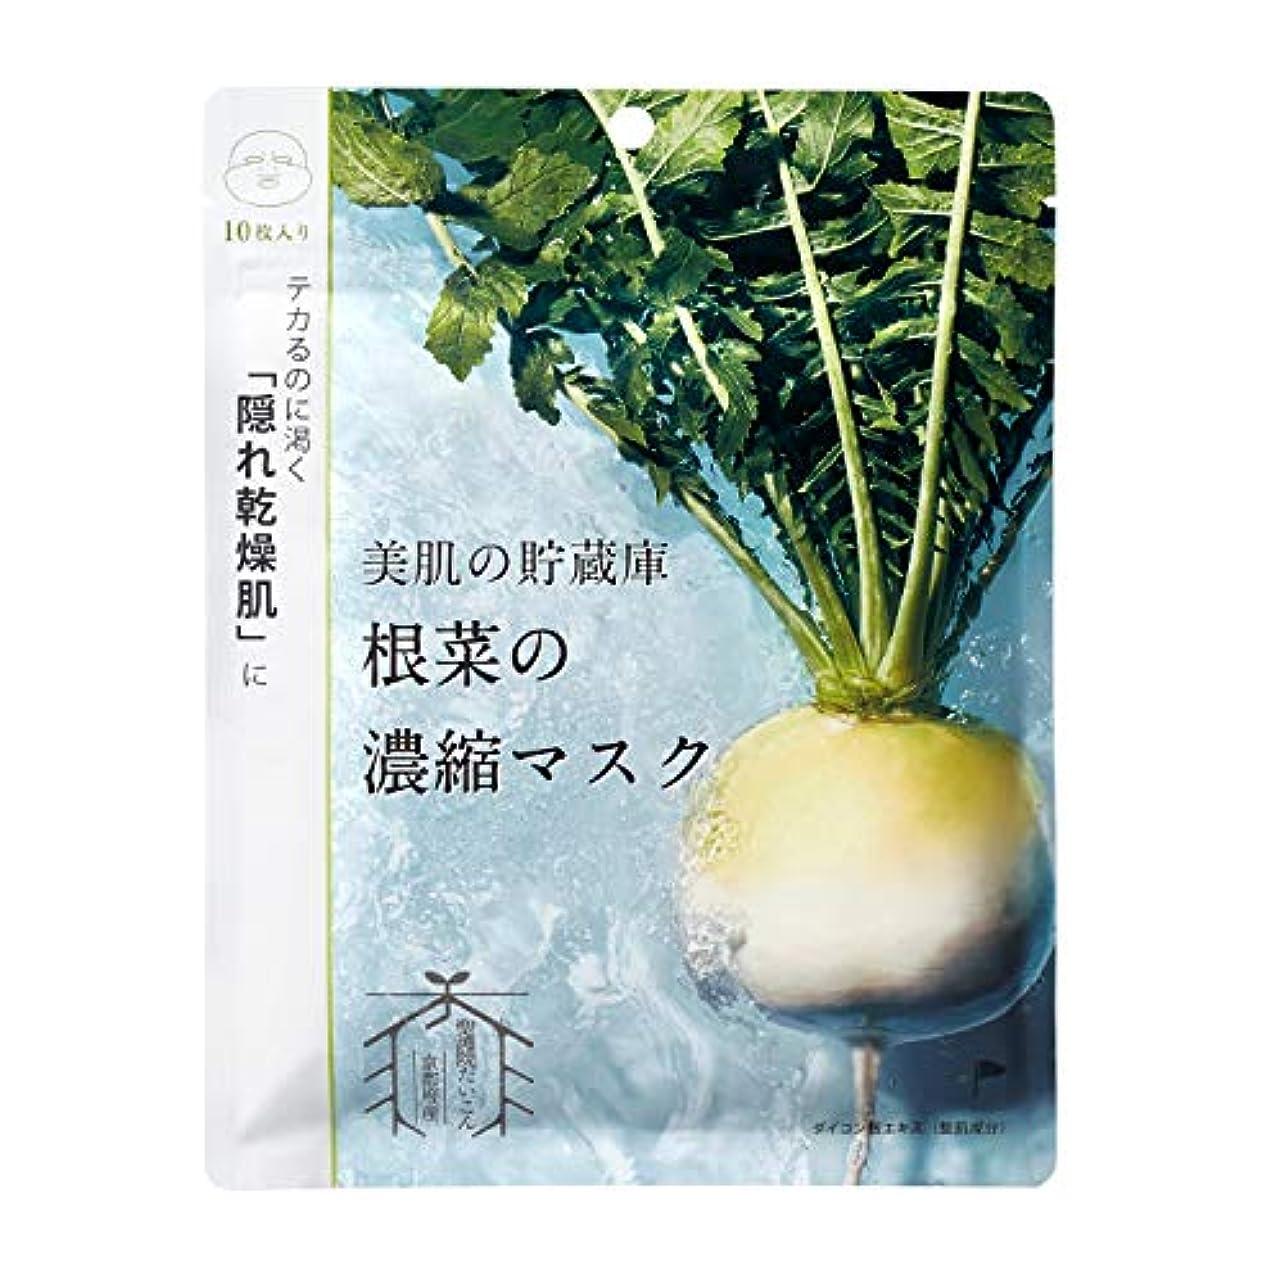 好ましい喉が渇いたしがみつく@cosme nippon 美肌の貯蔵庫 根菜の濃縮マスク 聖護院だいこん 10枚入 148ml